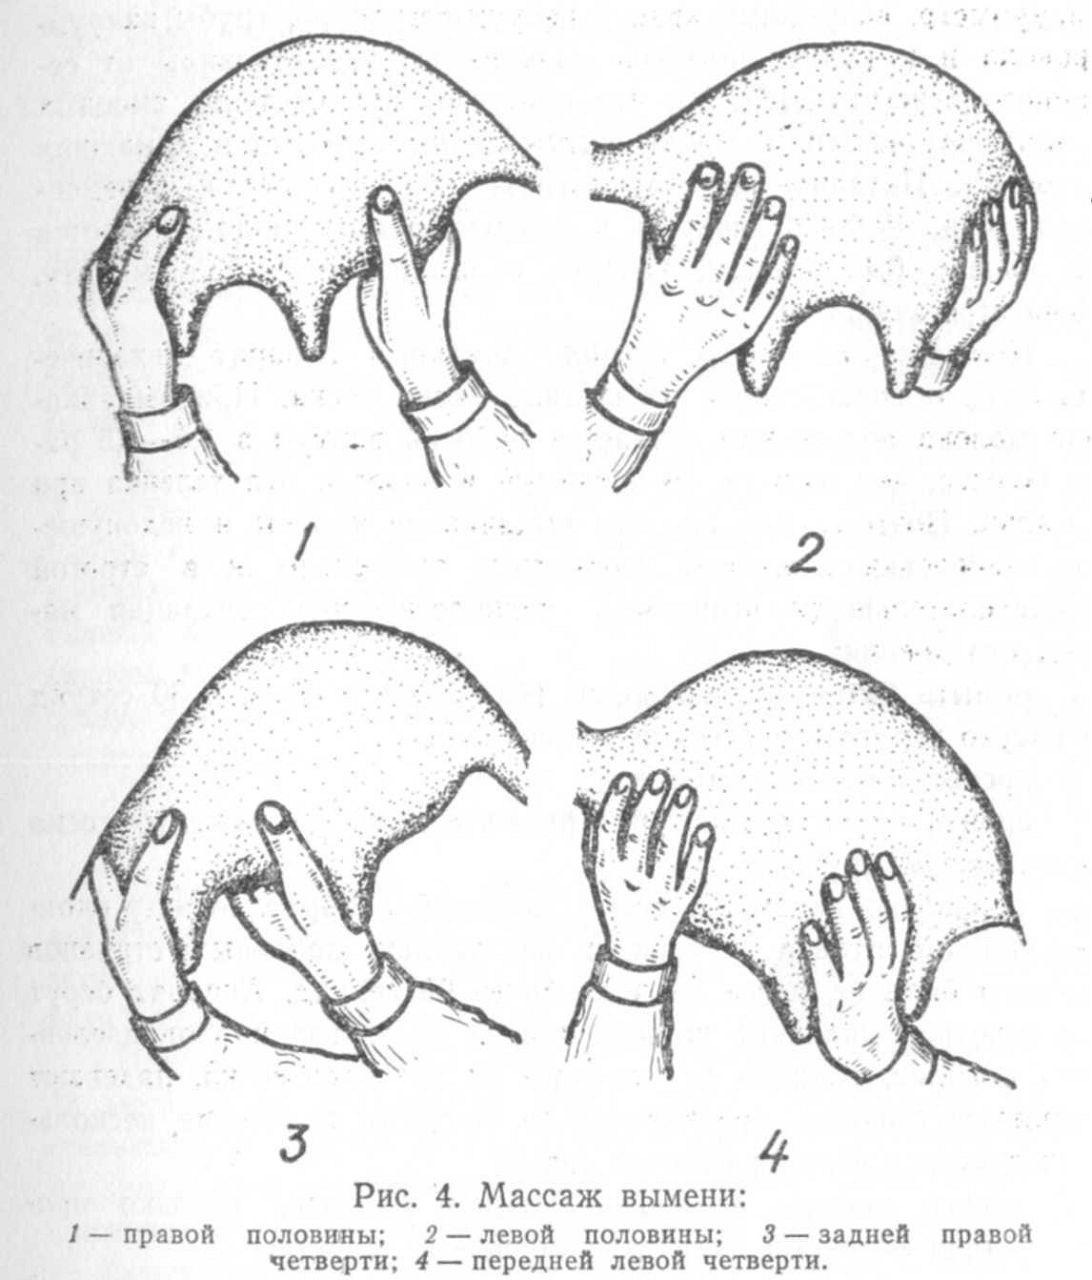 Схема массажа вымени